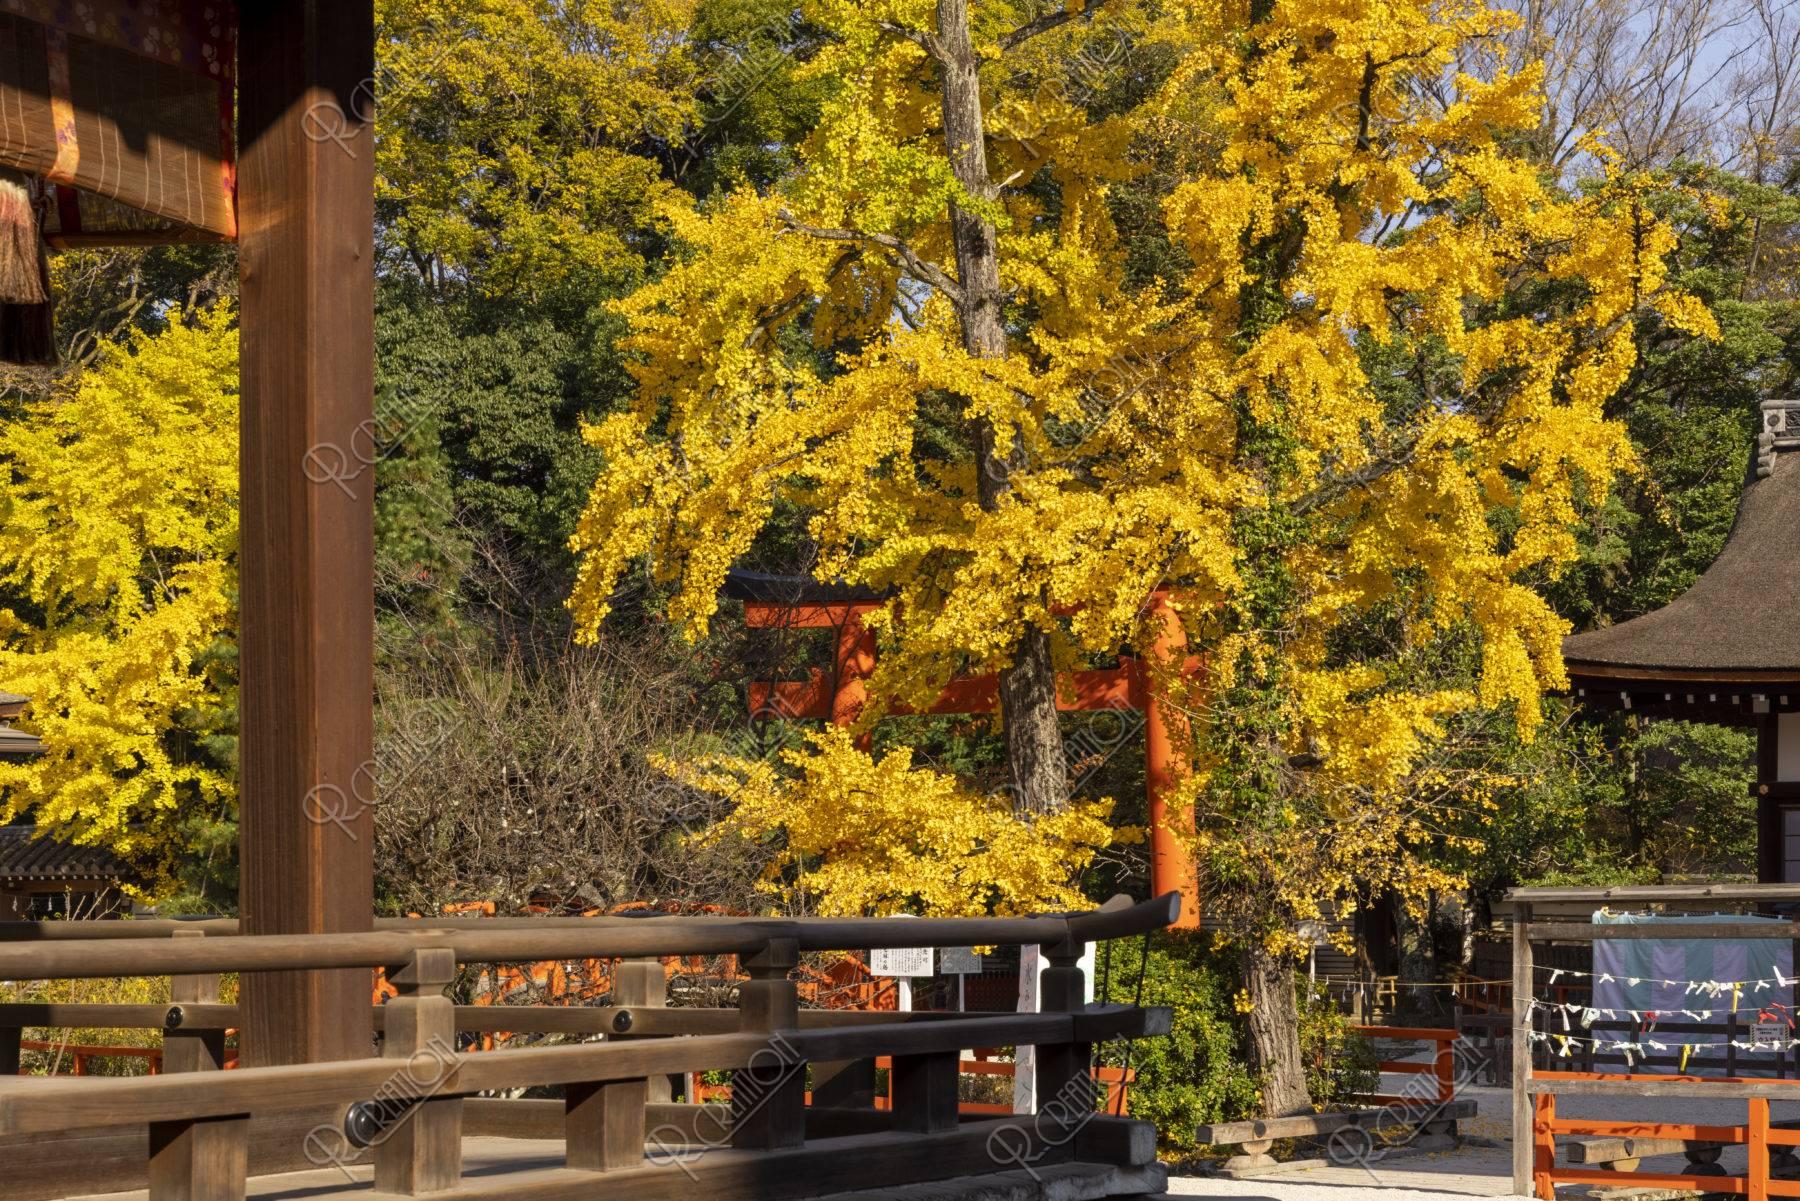 下鴨神社 舞殿と銀杏